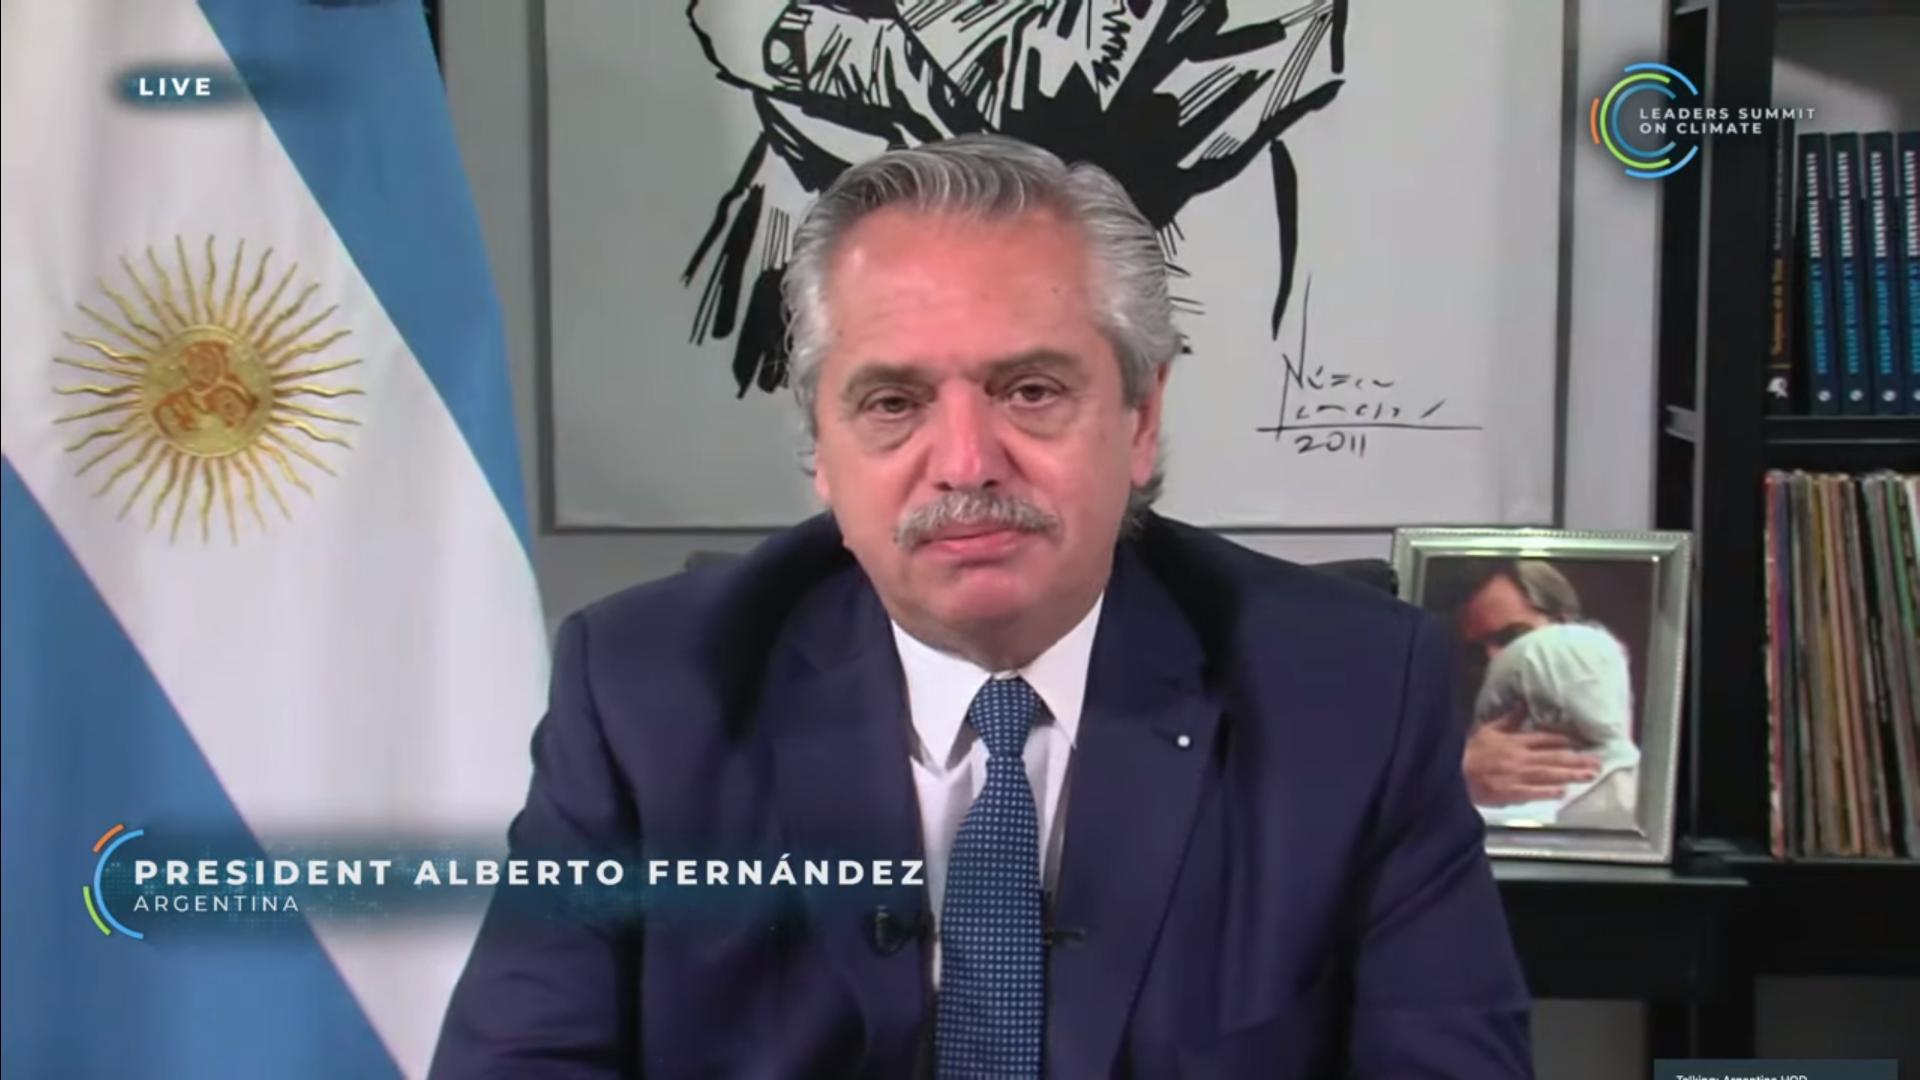 EUA veem Fernández como líder regional para o clima